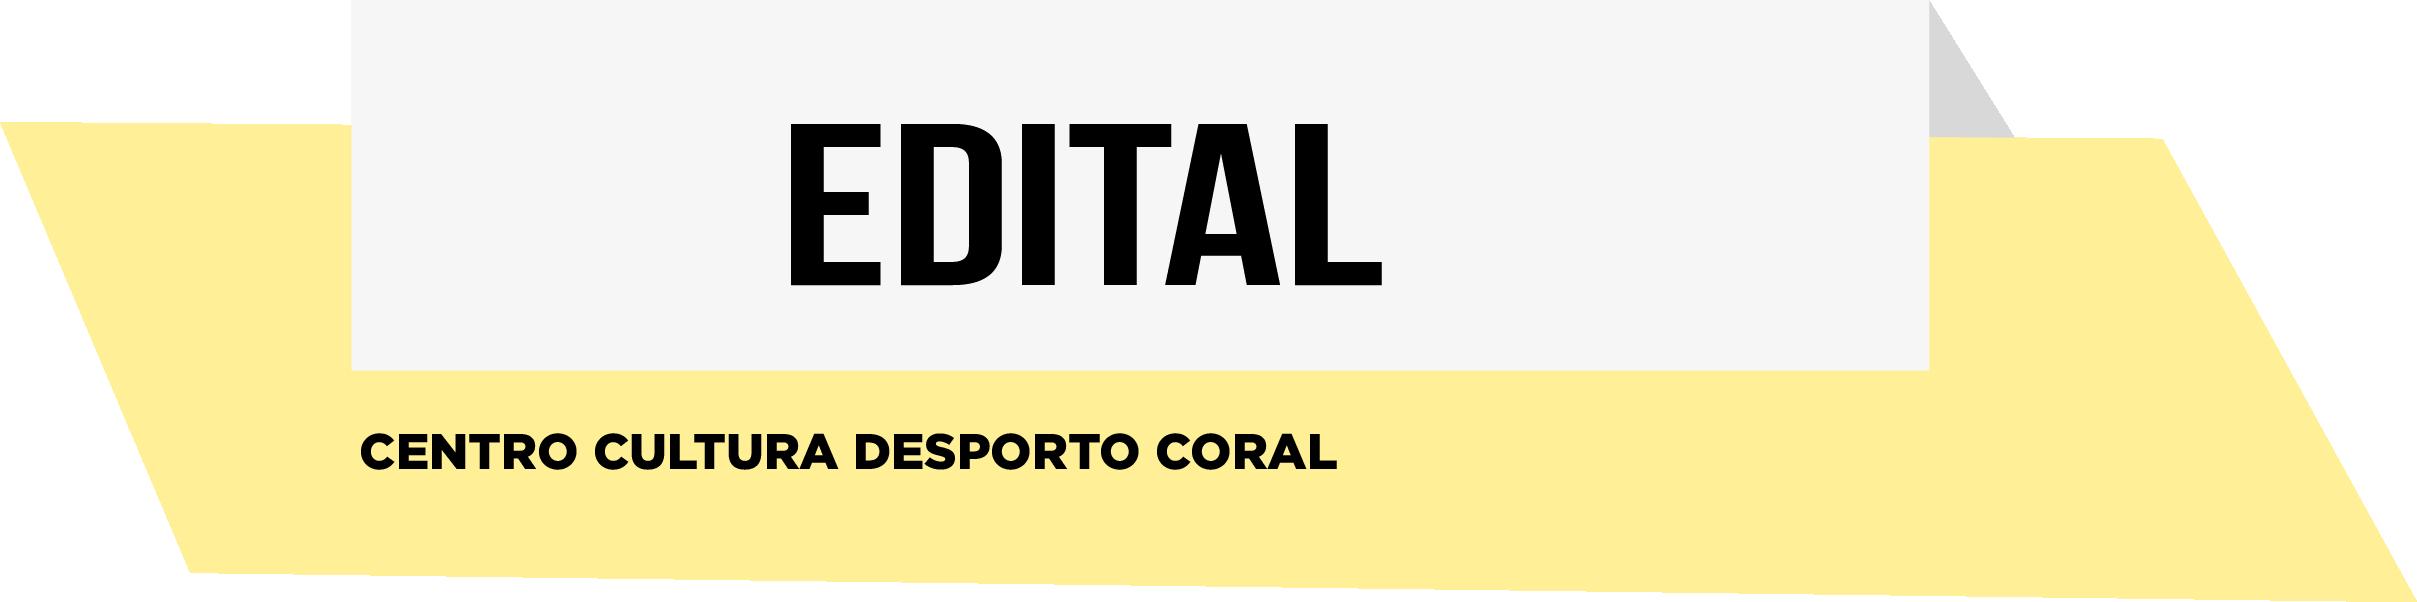 EDITAL- Centro Cultura Desporto Coral